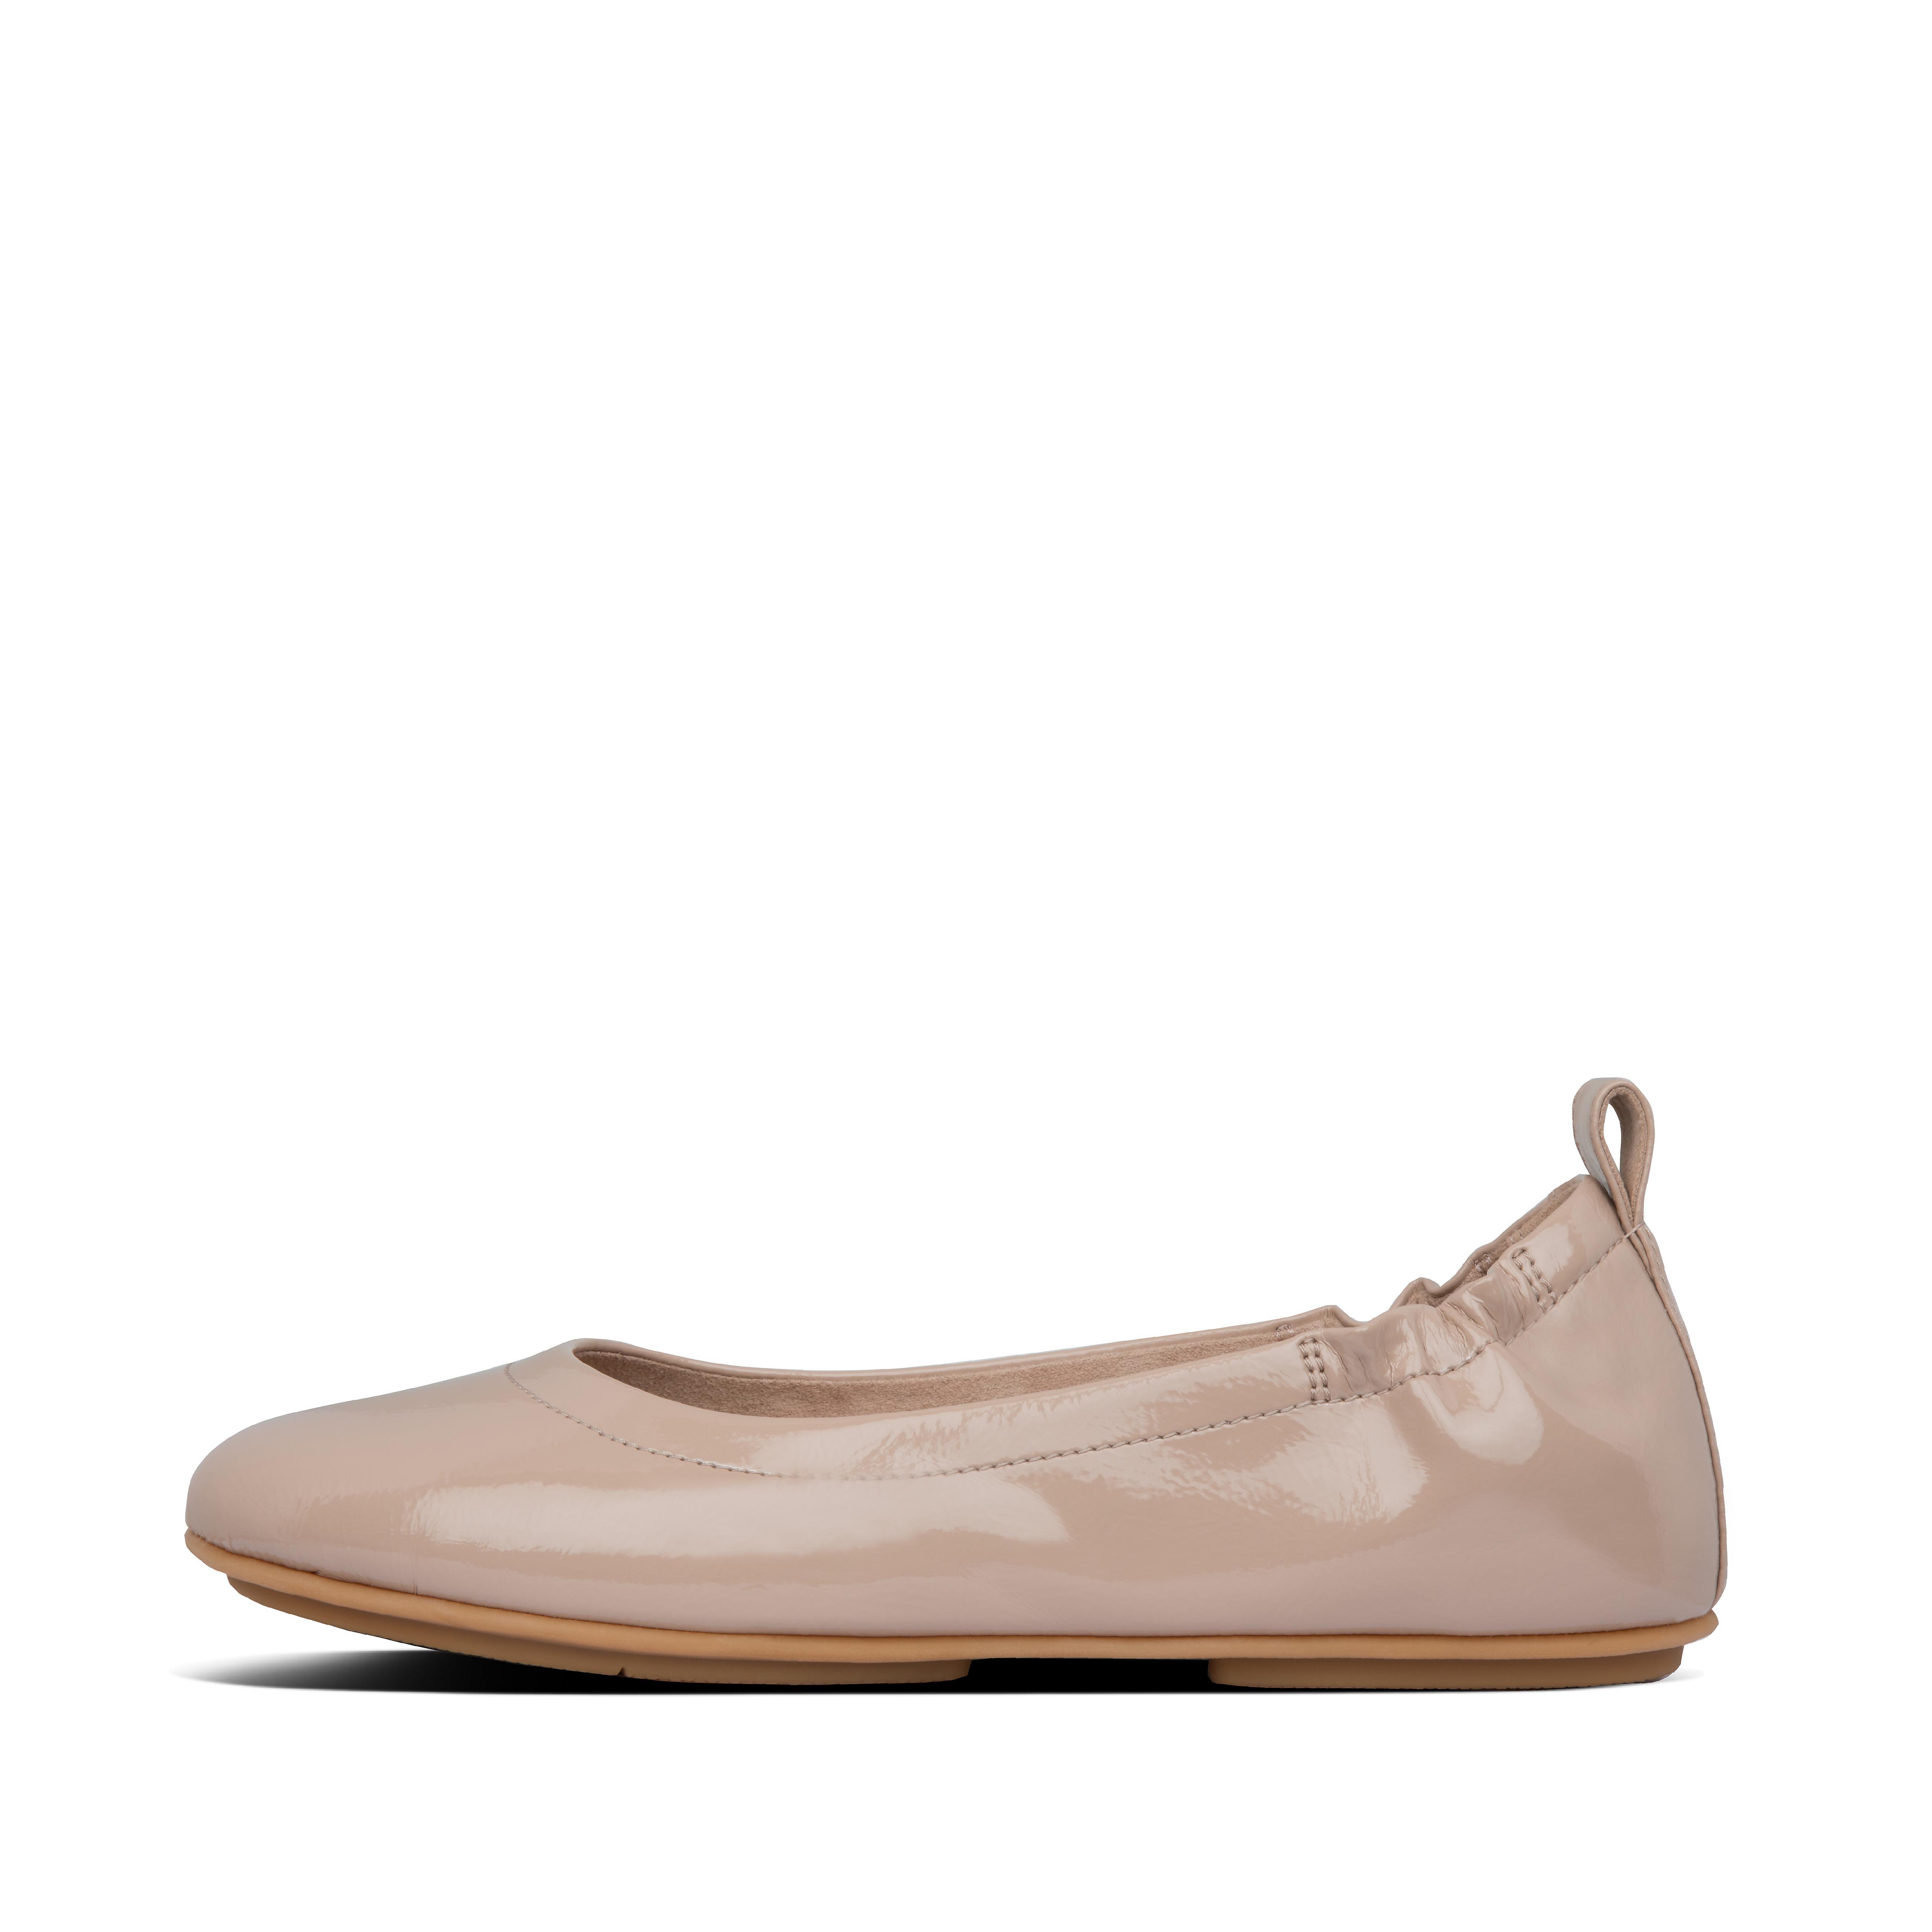 Allegro crinkle patent ballerinas taupe ae6 076?v=3